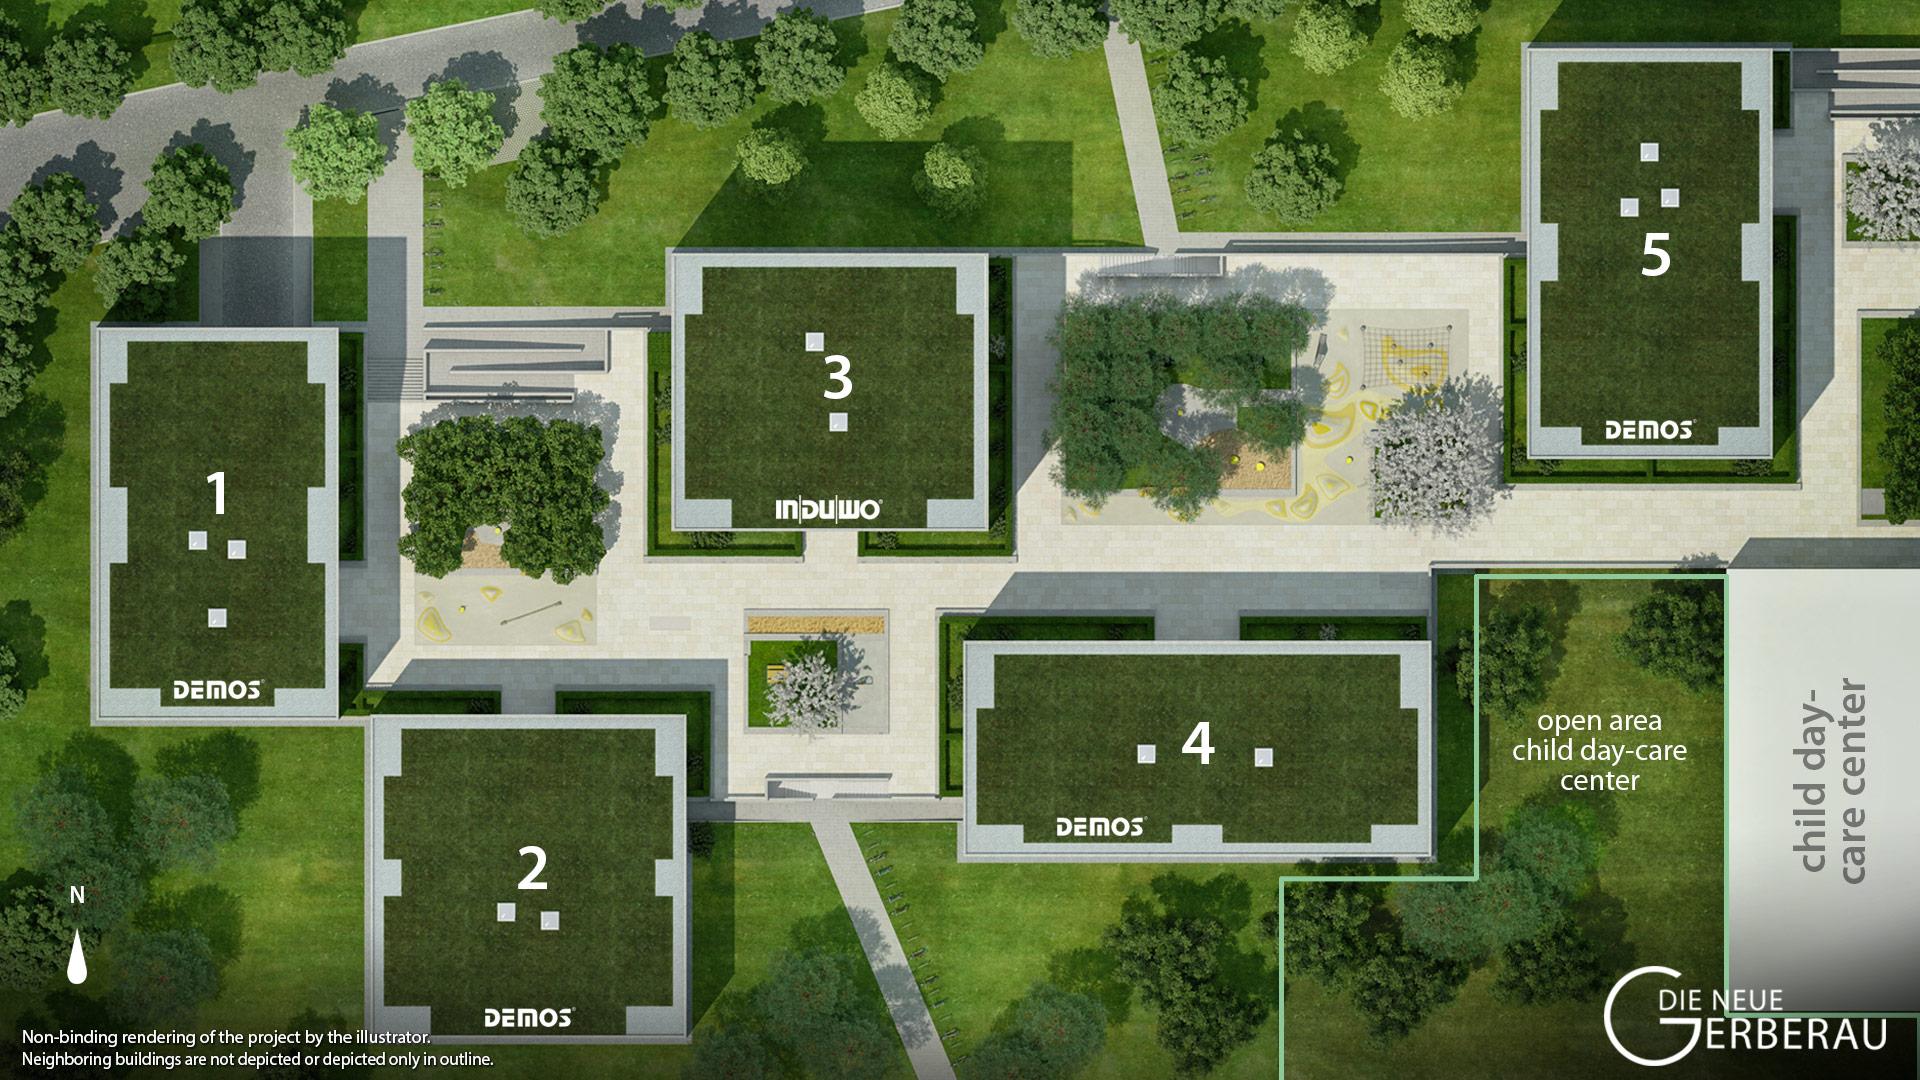 Property Die neue Gerberau - Illustration 3